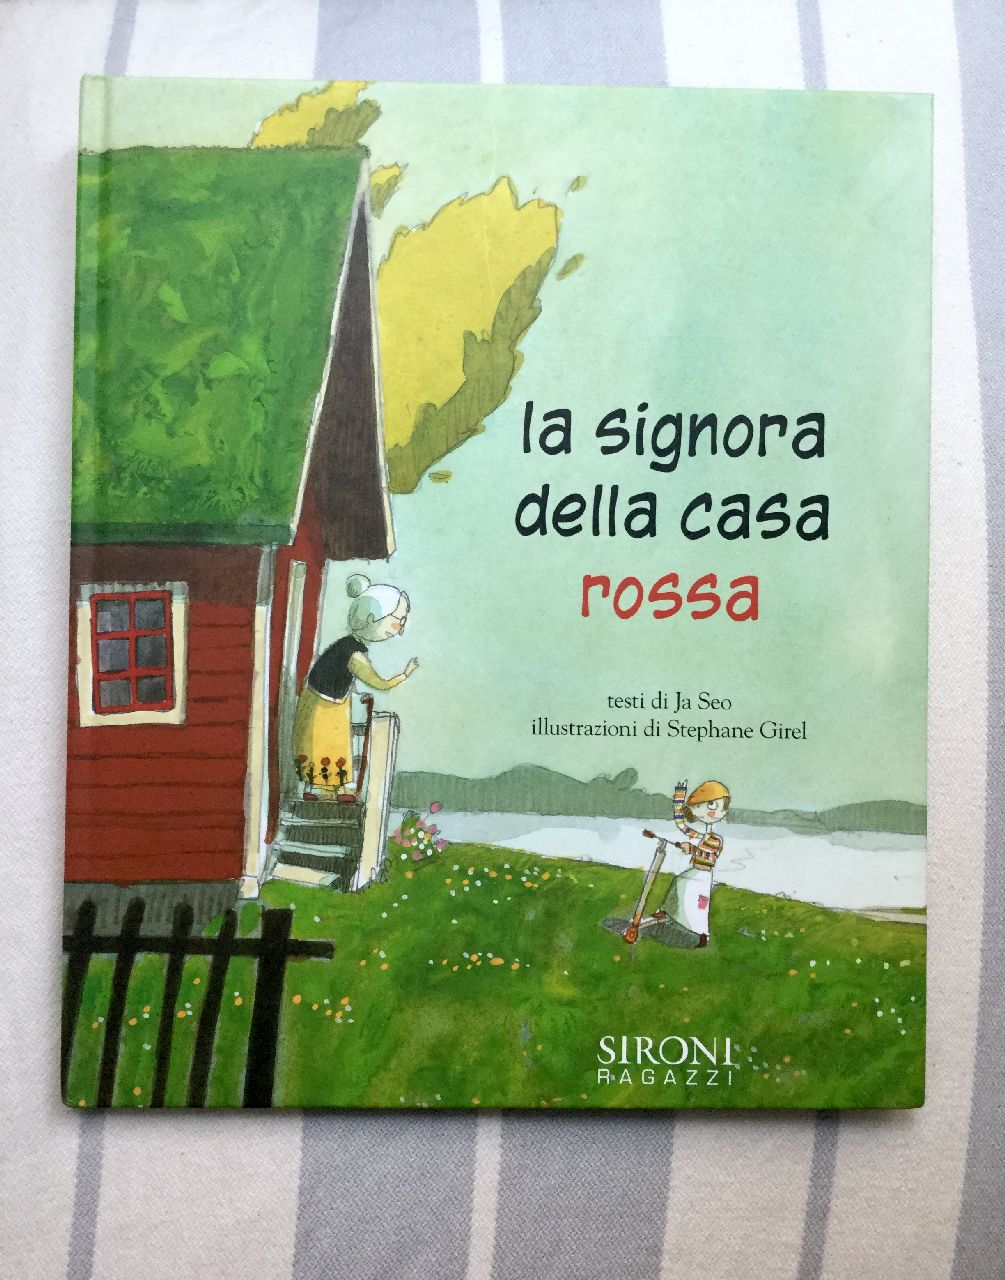 Ja Seo - Stephane Girel, La signora della casa rossa, Sironi